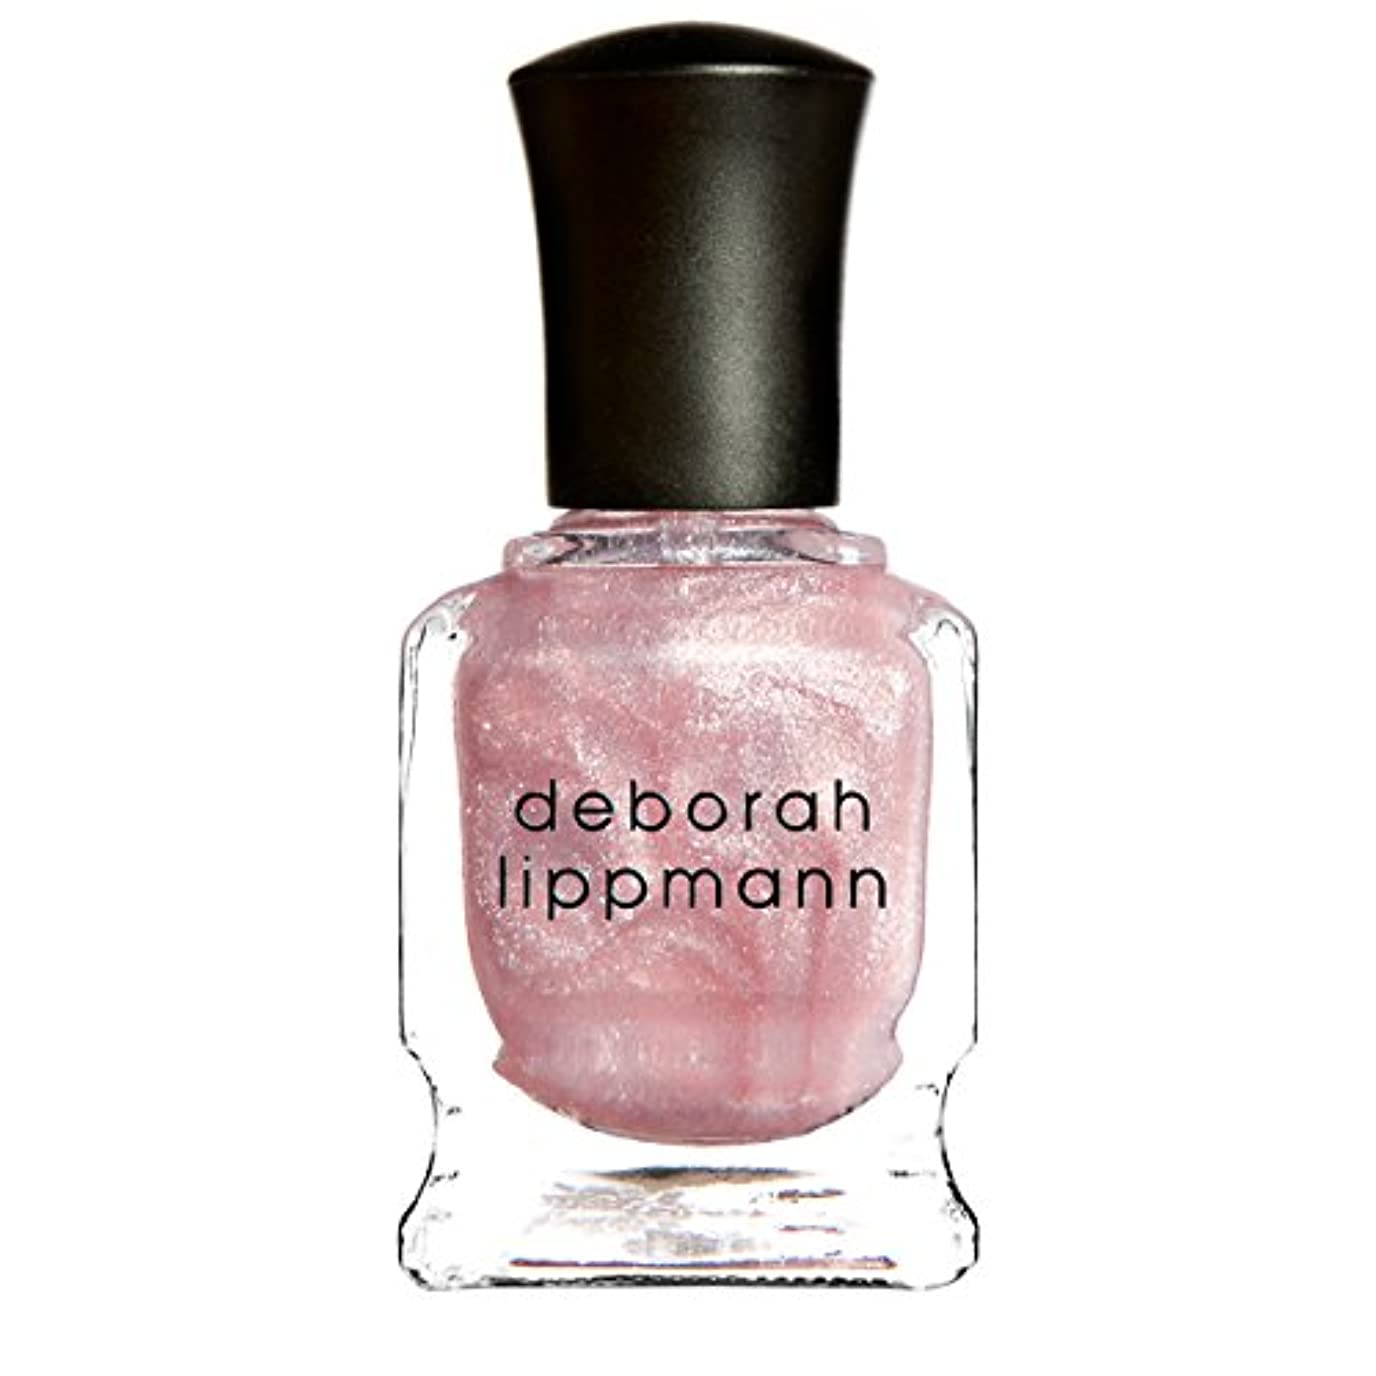 脊椎不従順呼びかける[Deborah Lippmann] デボラリップマン ポリッシュ ピンク系 15mL (ホワットエバー ローラ ウォンツ)